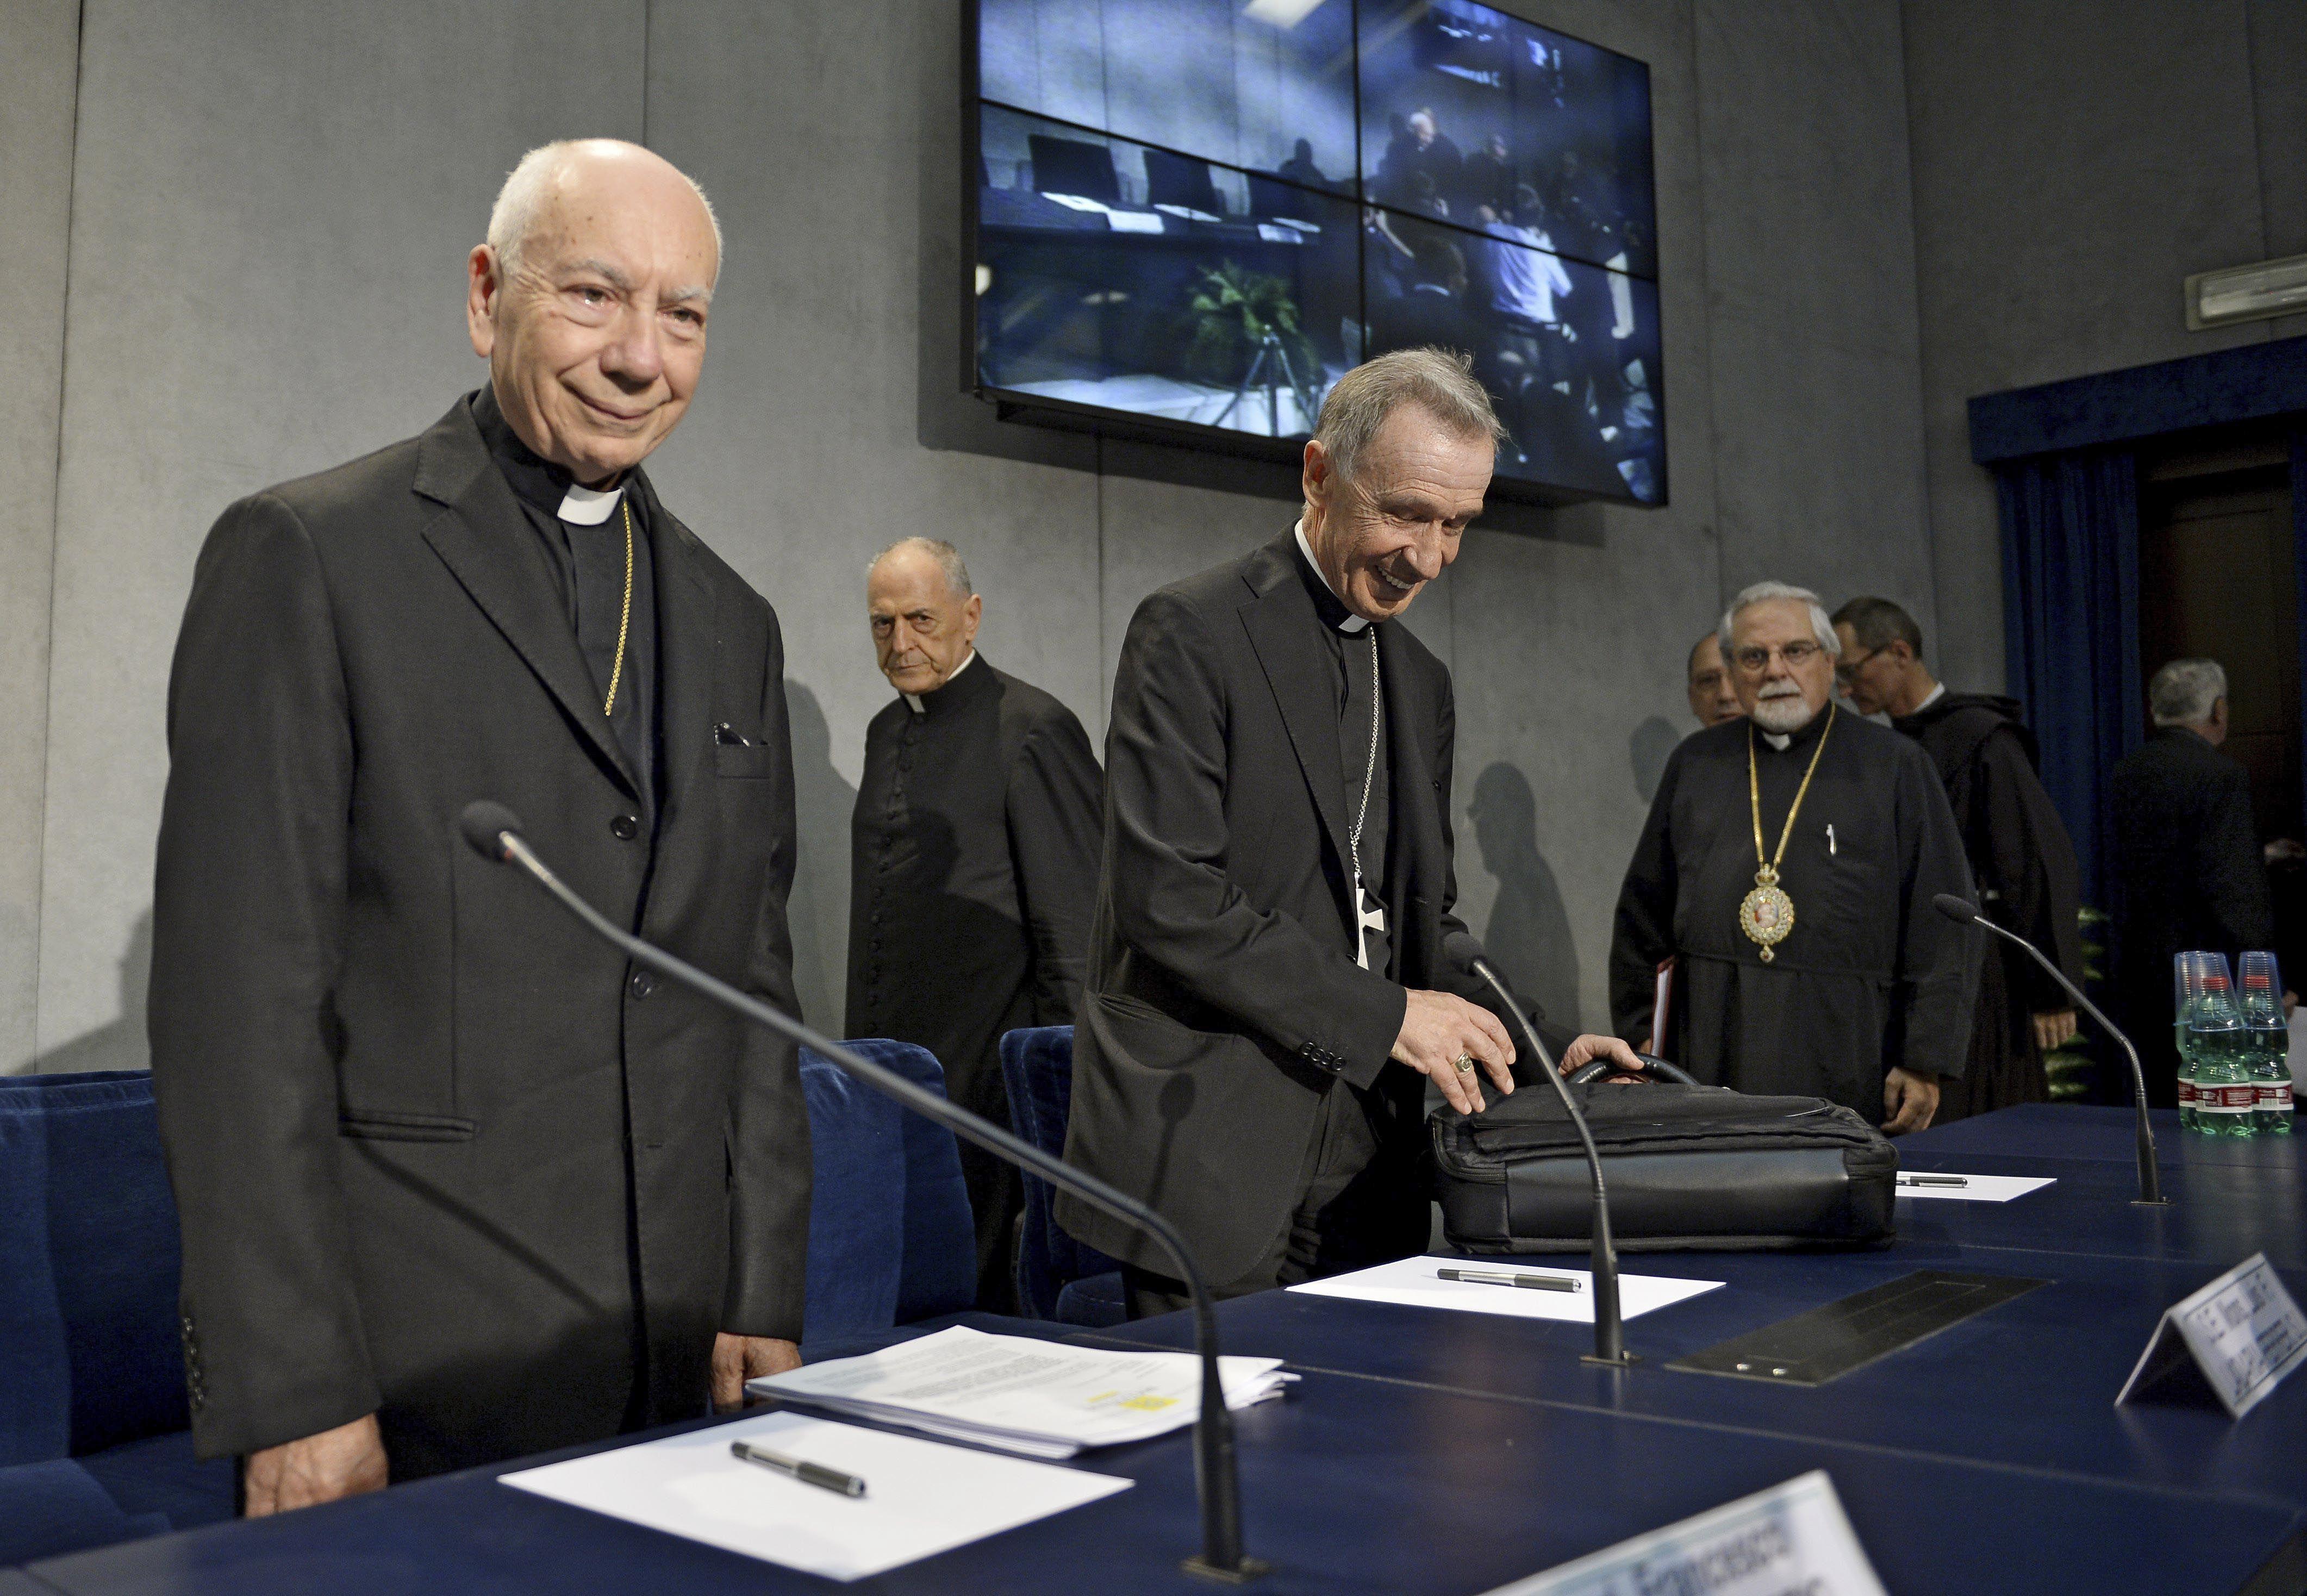 Vaticano. El cardenal Francesco Coccopalmerio (izq.) momentos antes de leer las reformas dispuestas por Francisco.